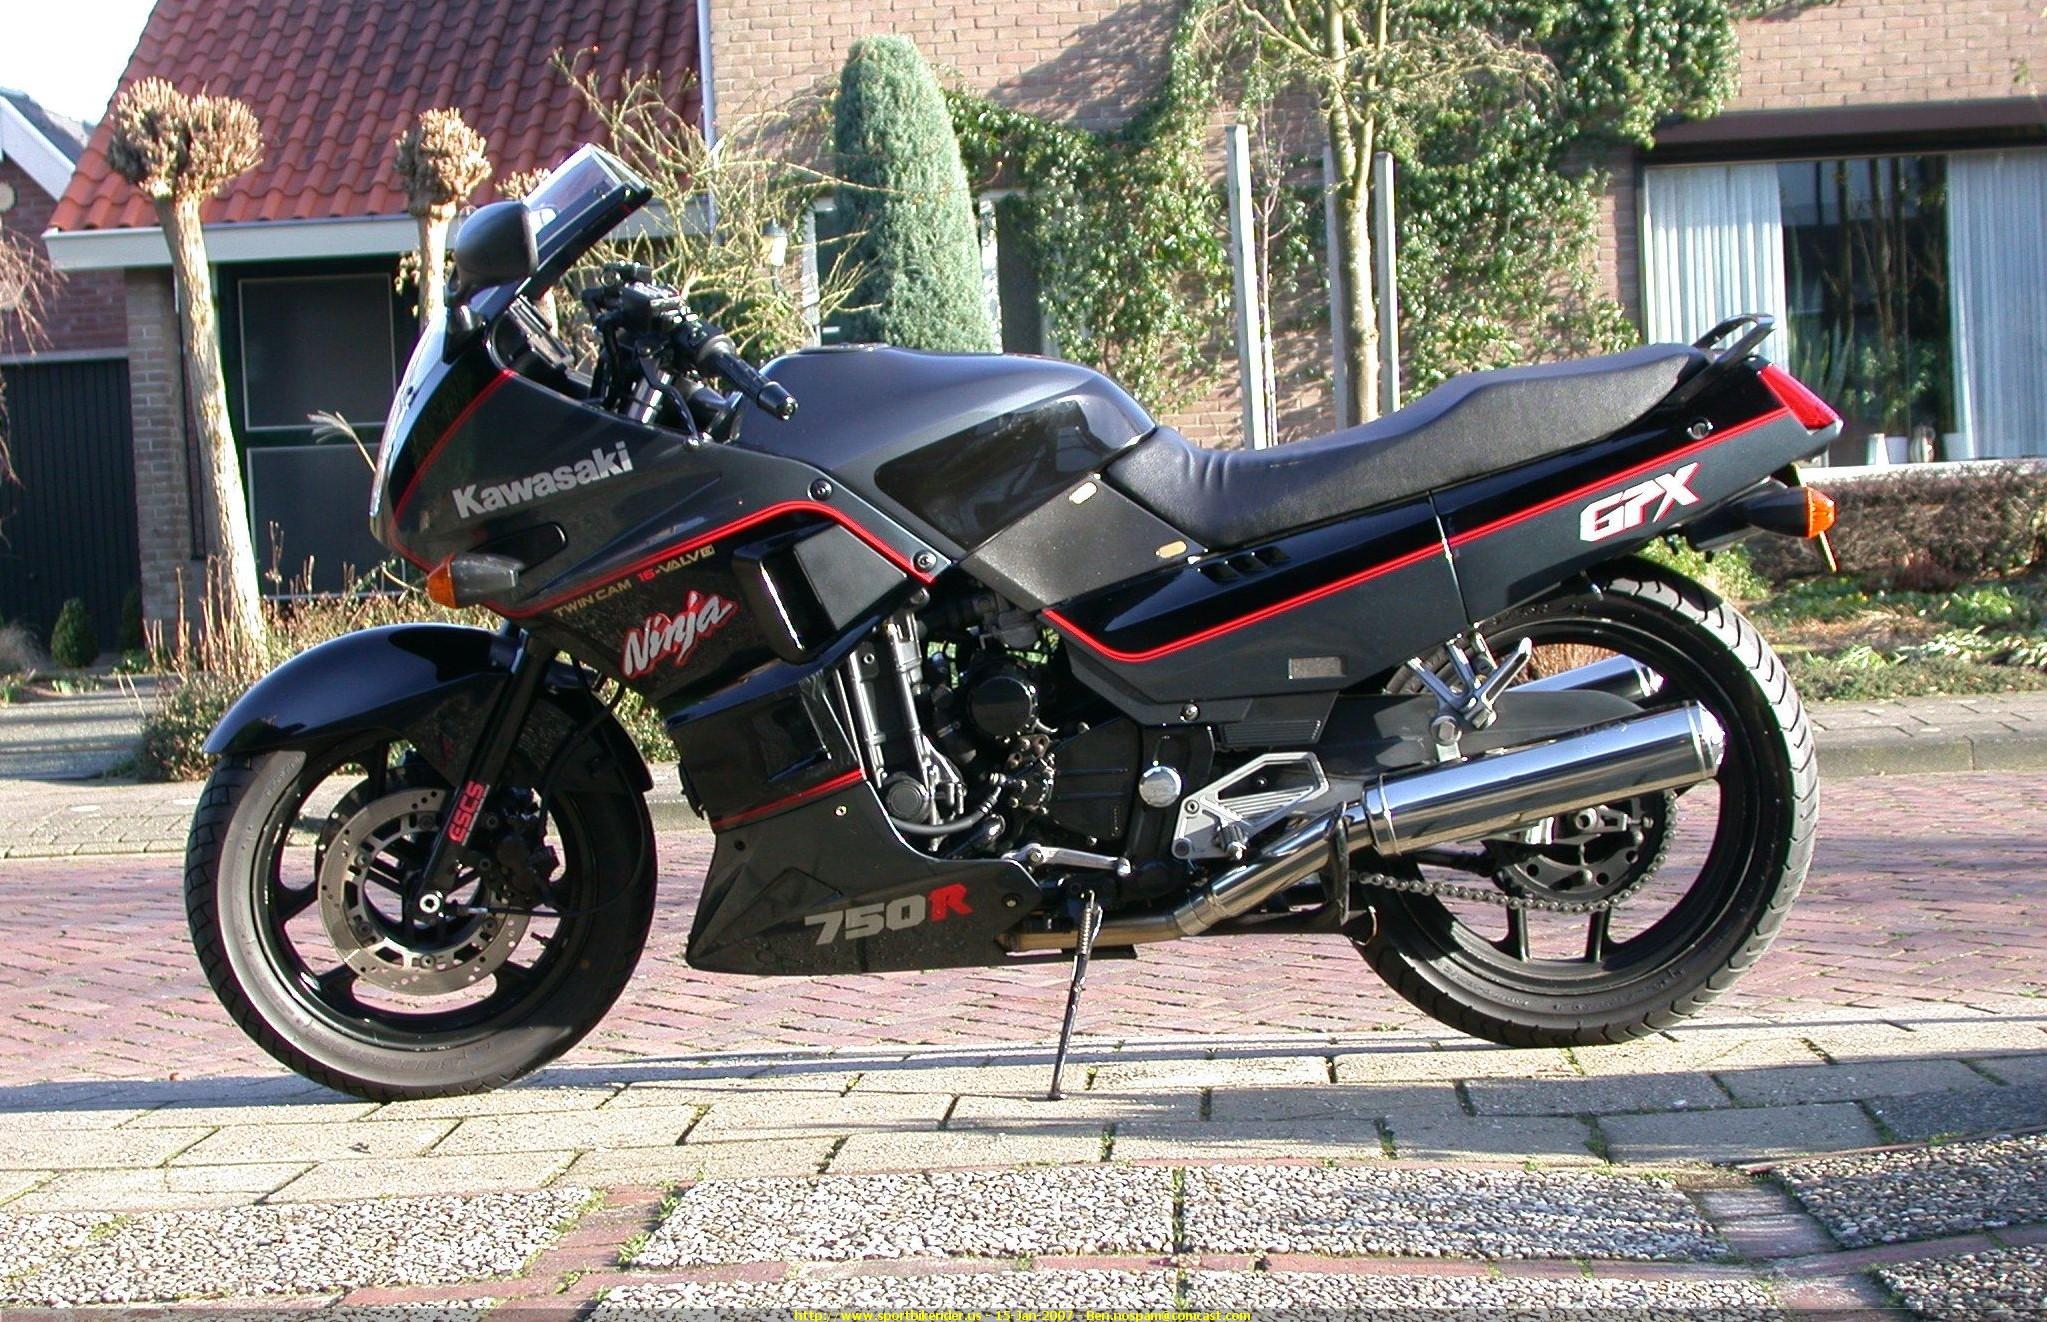 20070115 1168860754096 1988 Kawasaki GPX750 Ngắm Kawasaki GPX750 độ phong cách Cafe Racer cực đẹp